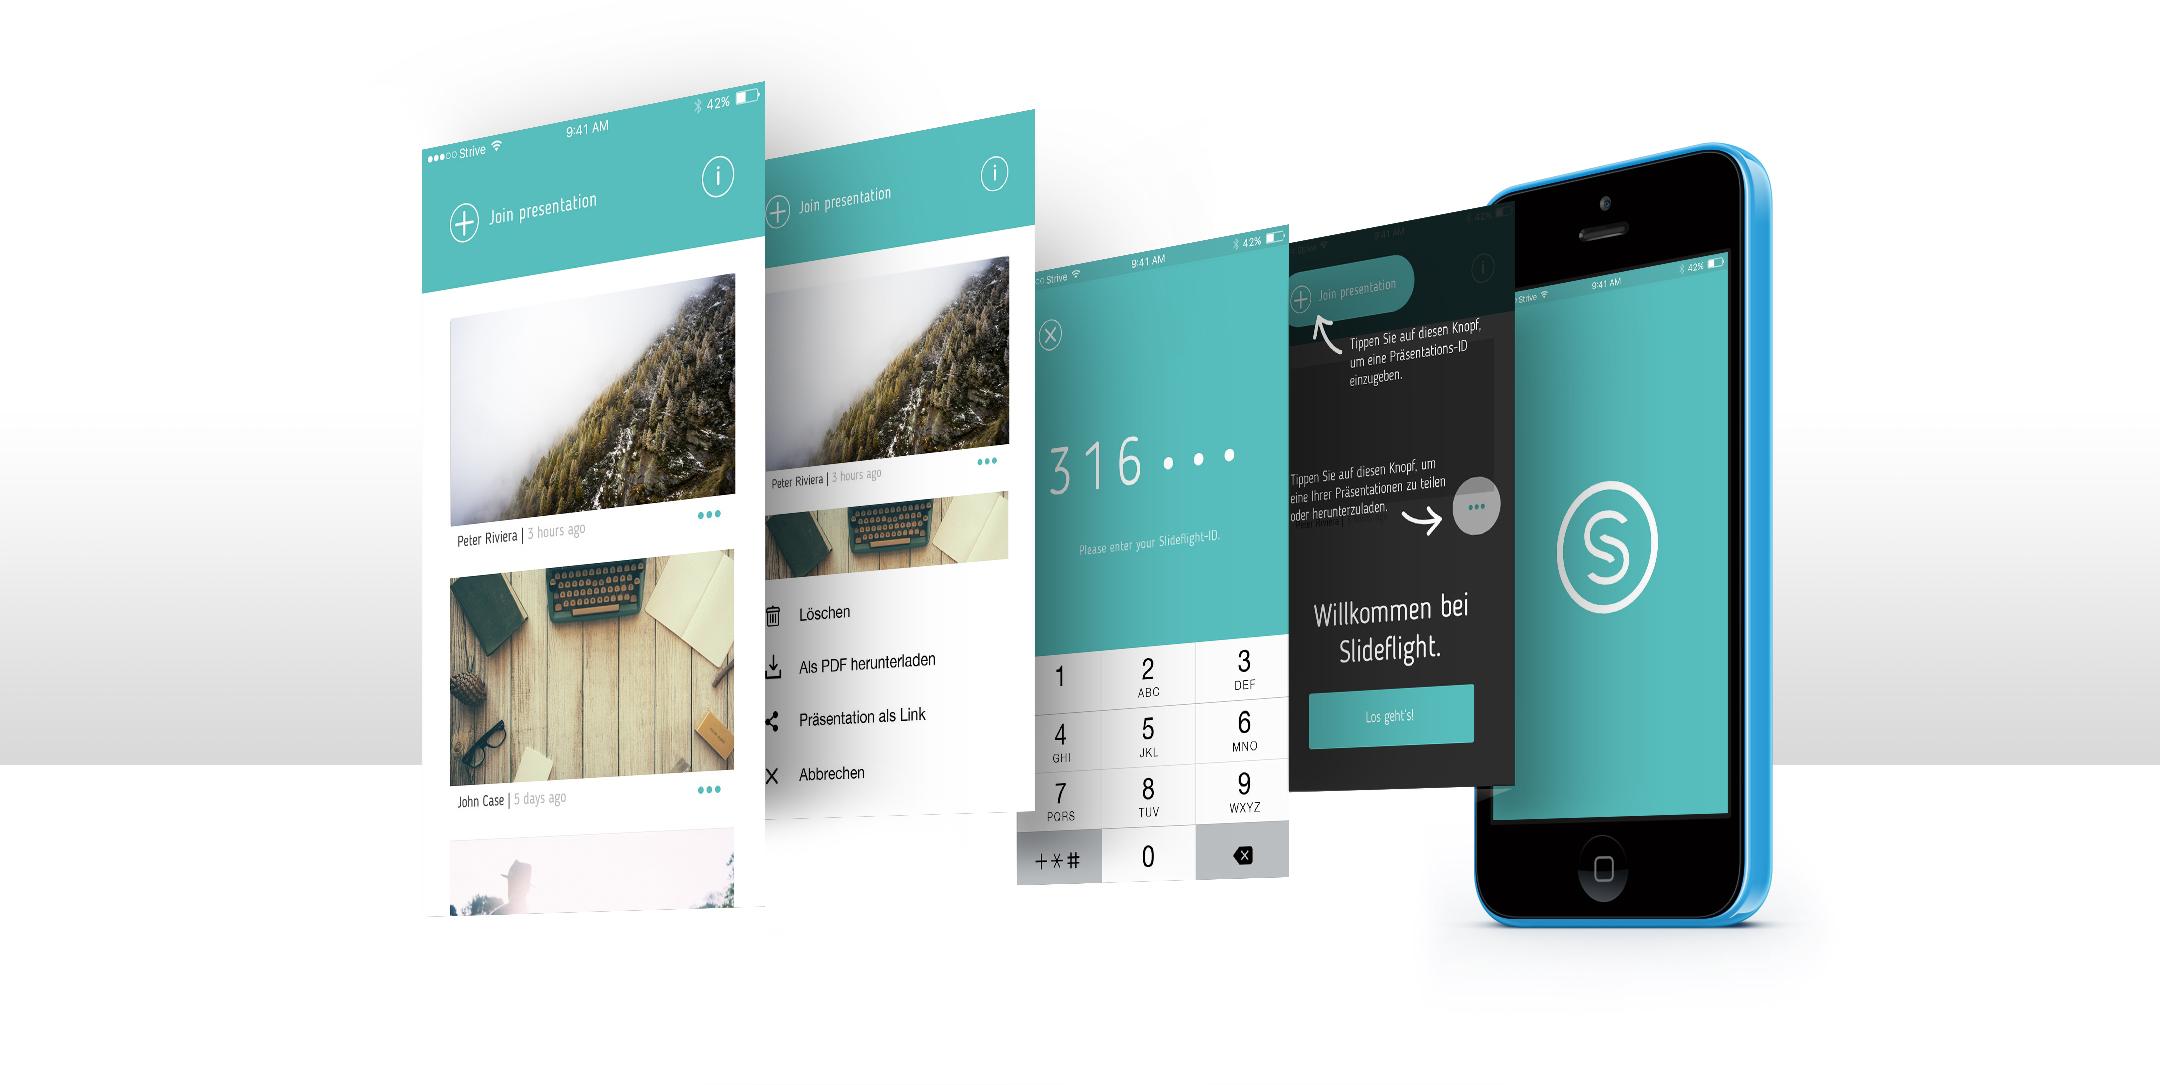 Slideflight App